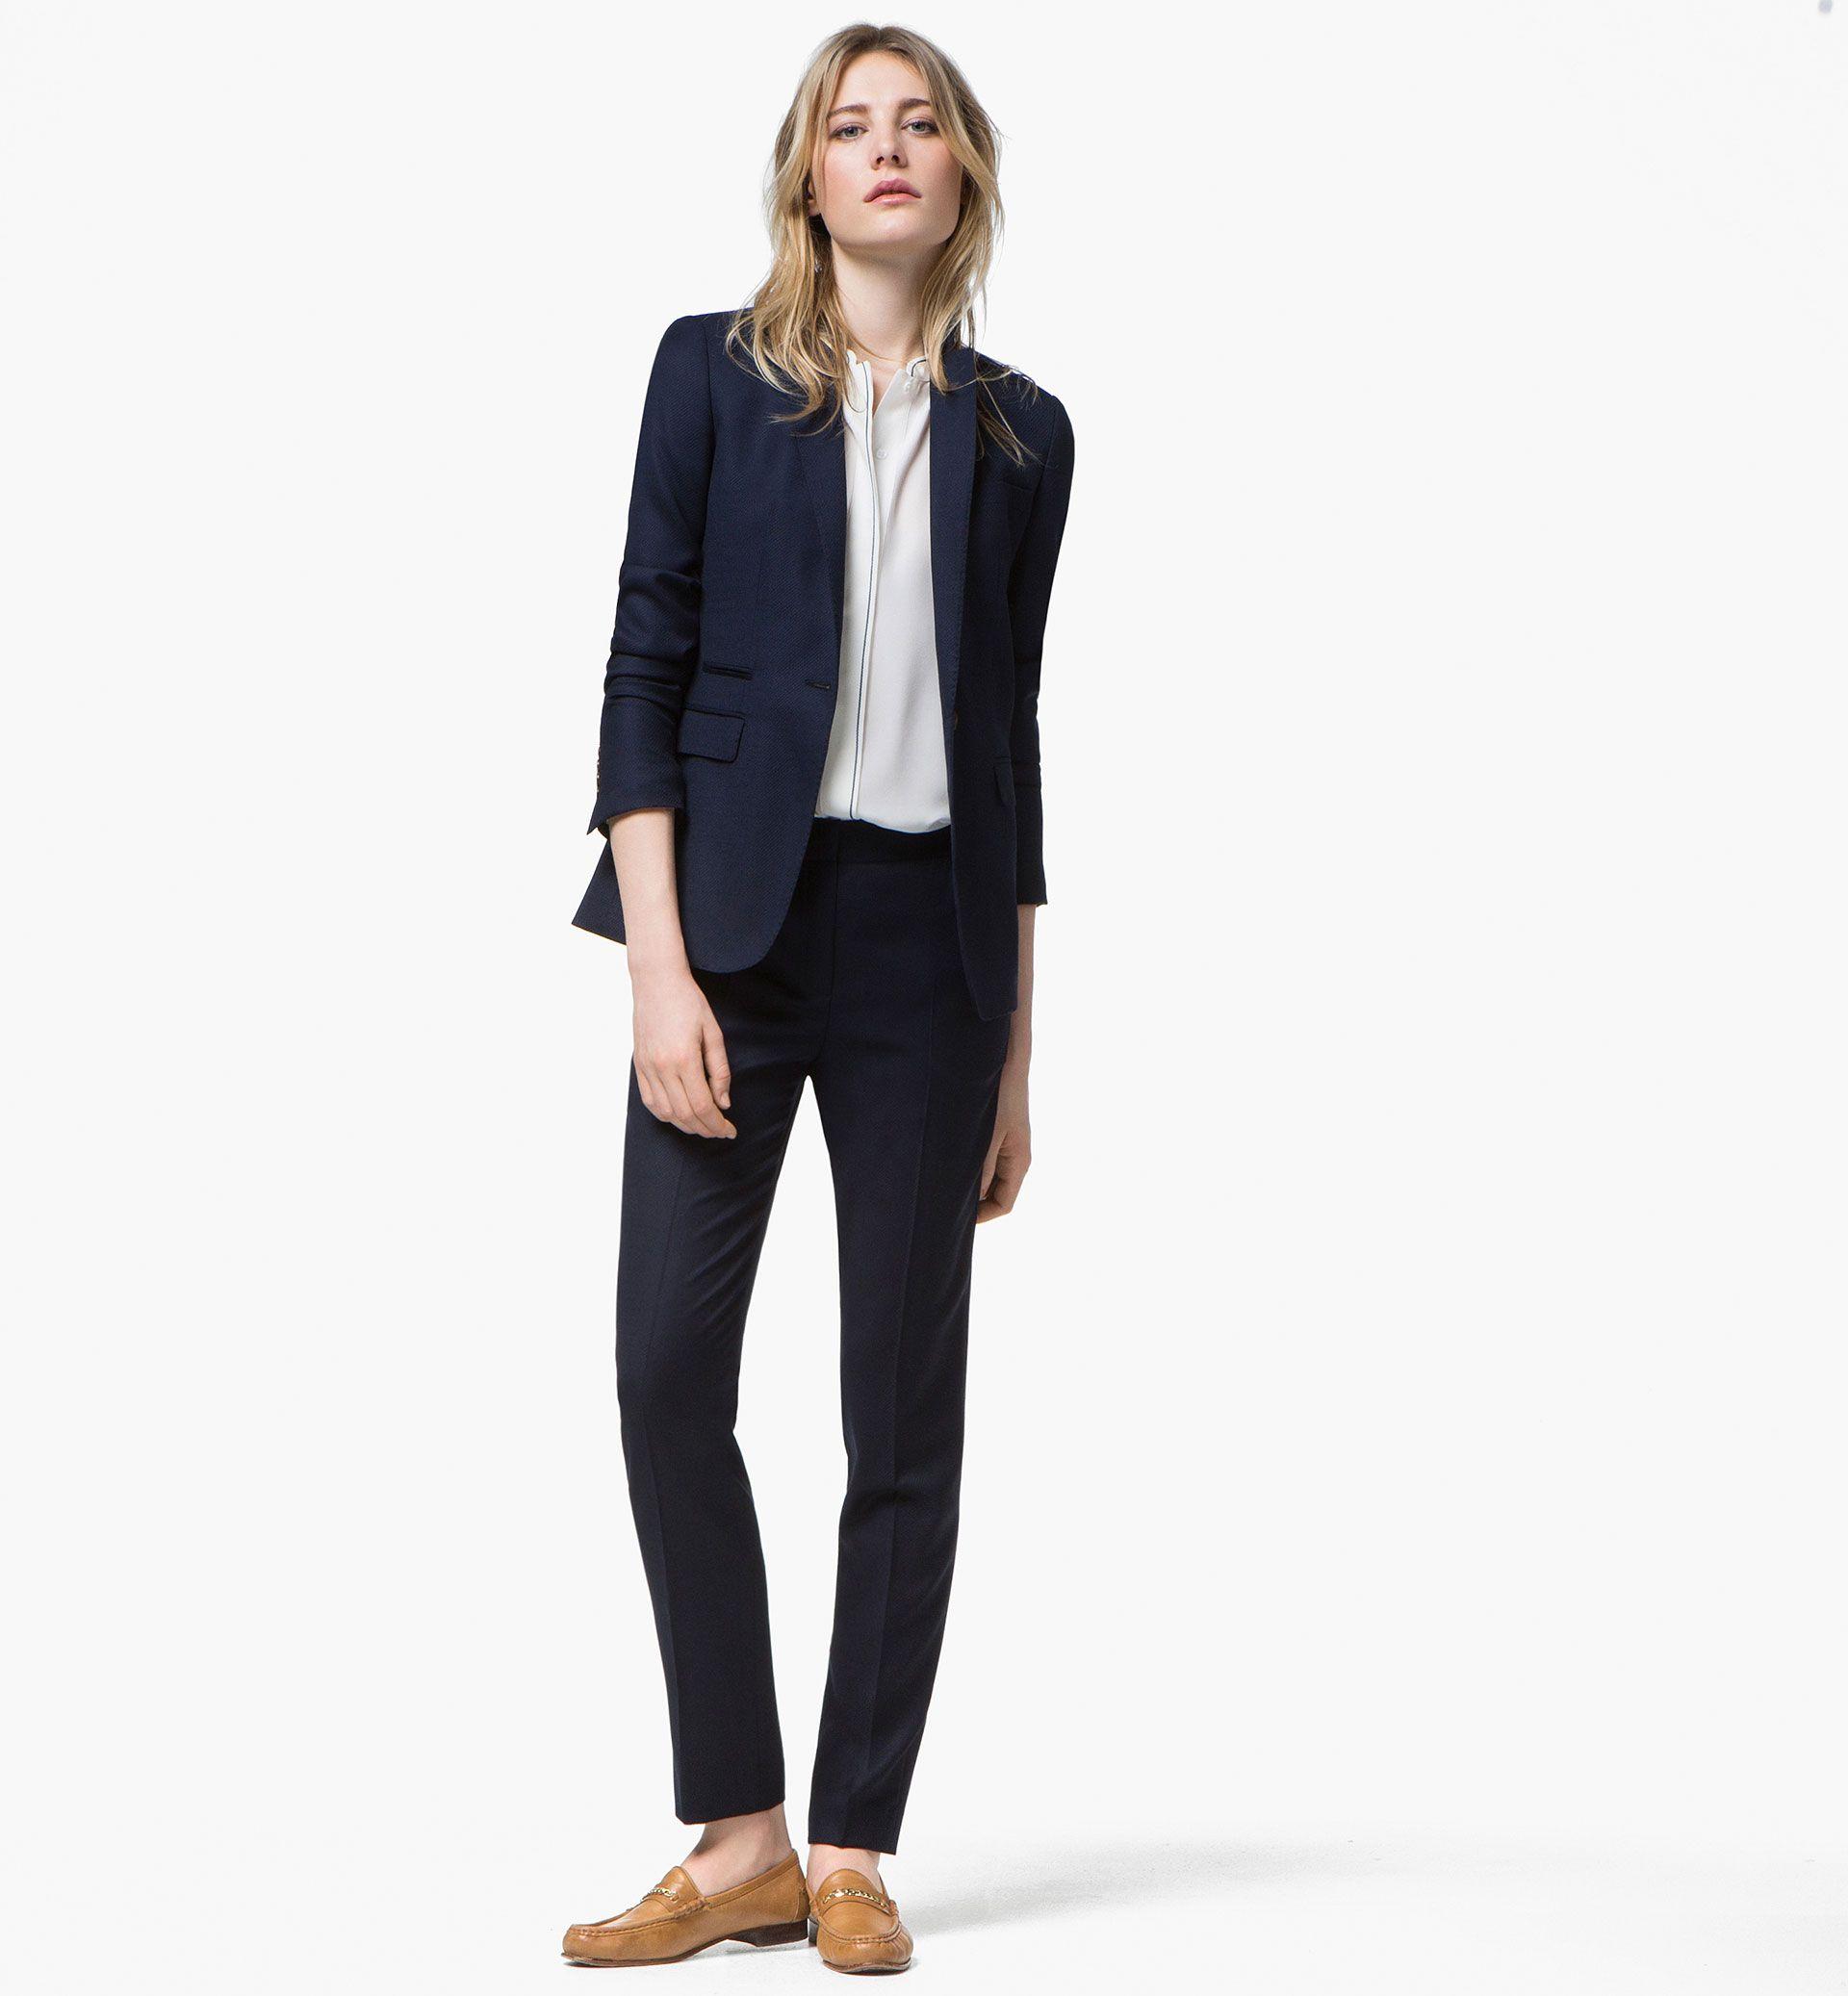 NAVY BLUE SUIT JACKET | Wardrobe Wants | Pinterest | Blue suit ...